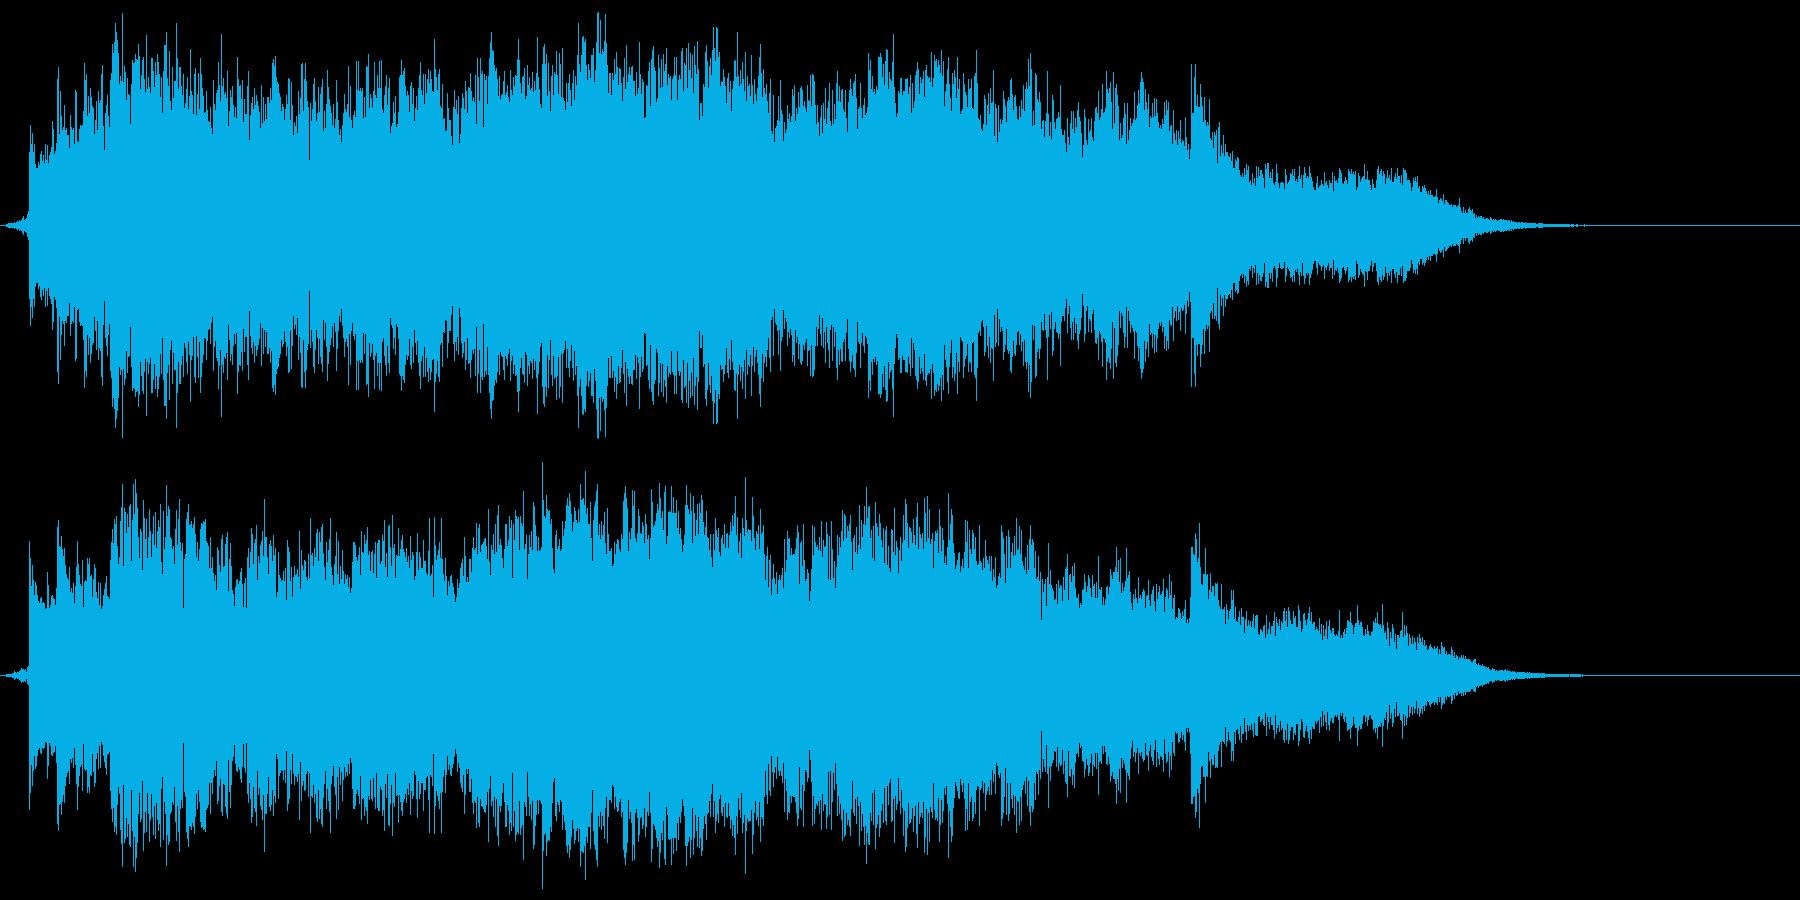 重厚でスケール感のあるジングルの再生済みの波形